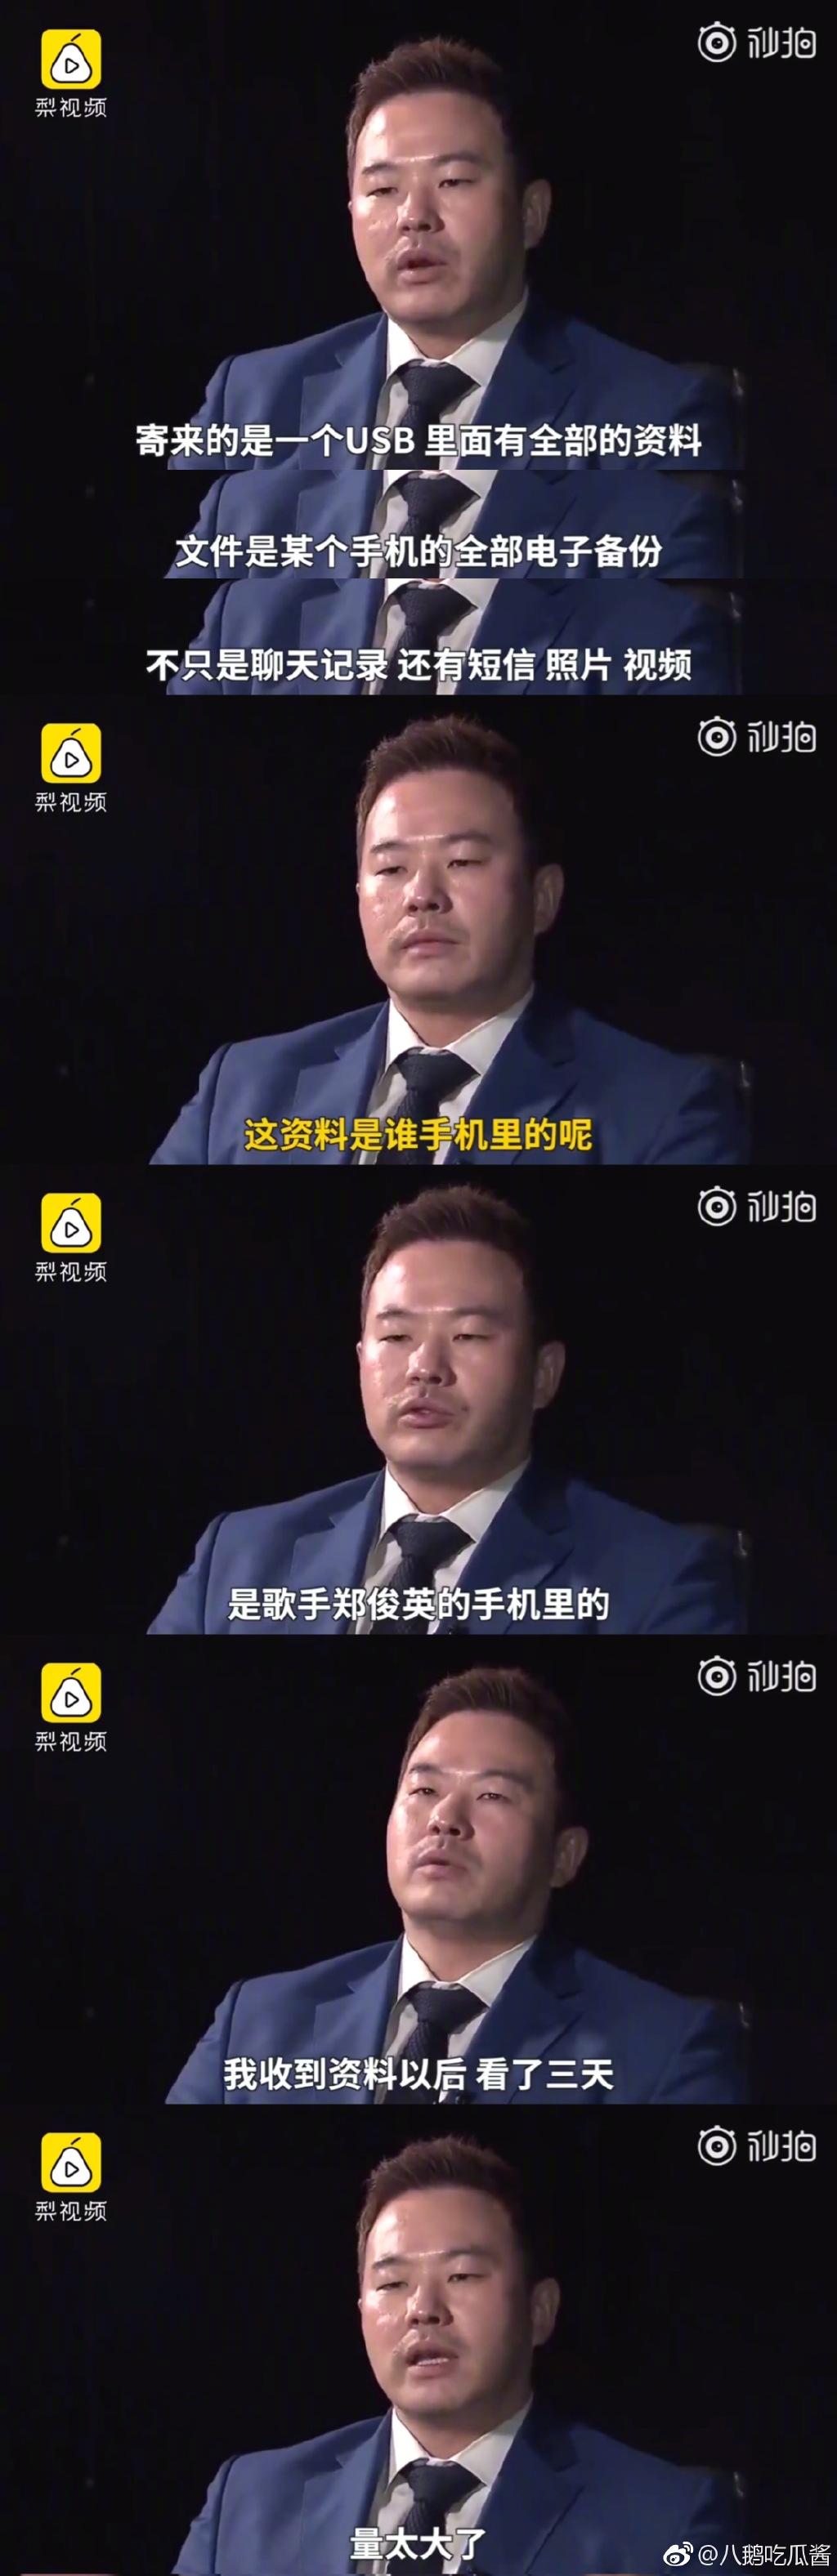 胜利郑俊英群聊事件 韩国娱乐圈X贿赂大事件 涨姿势 热图4